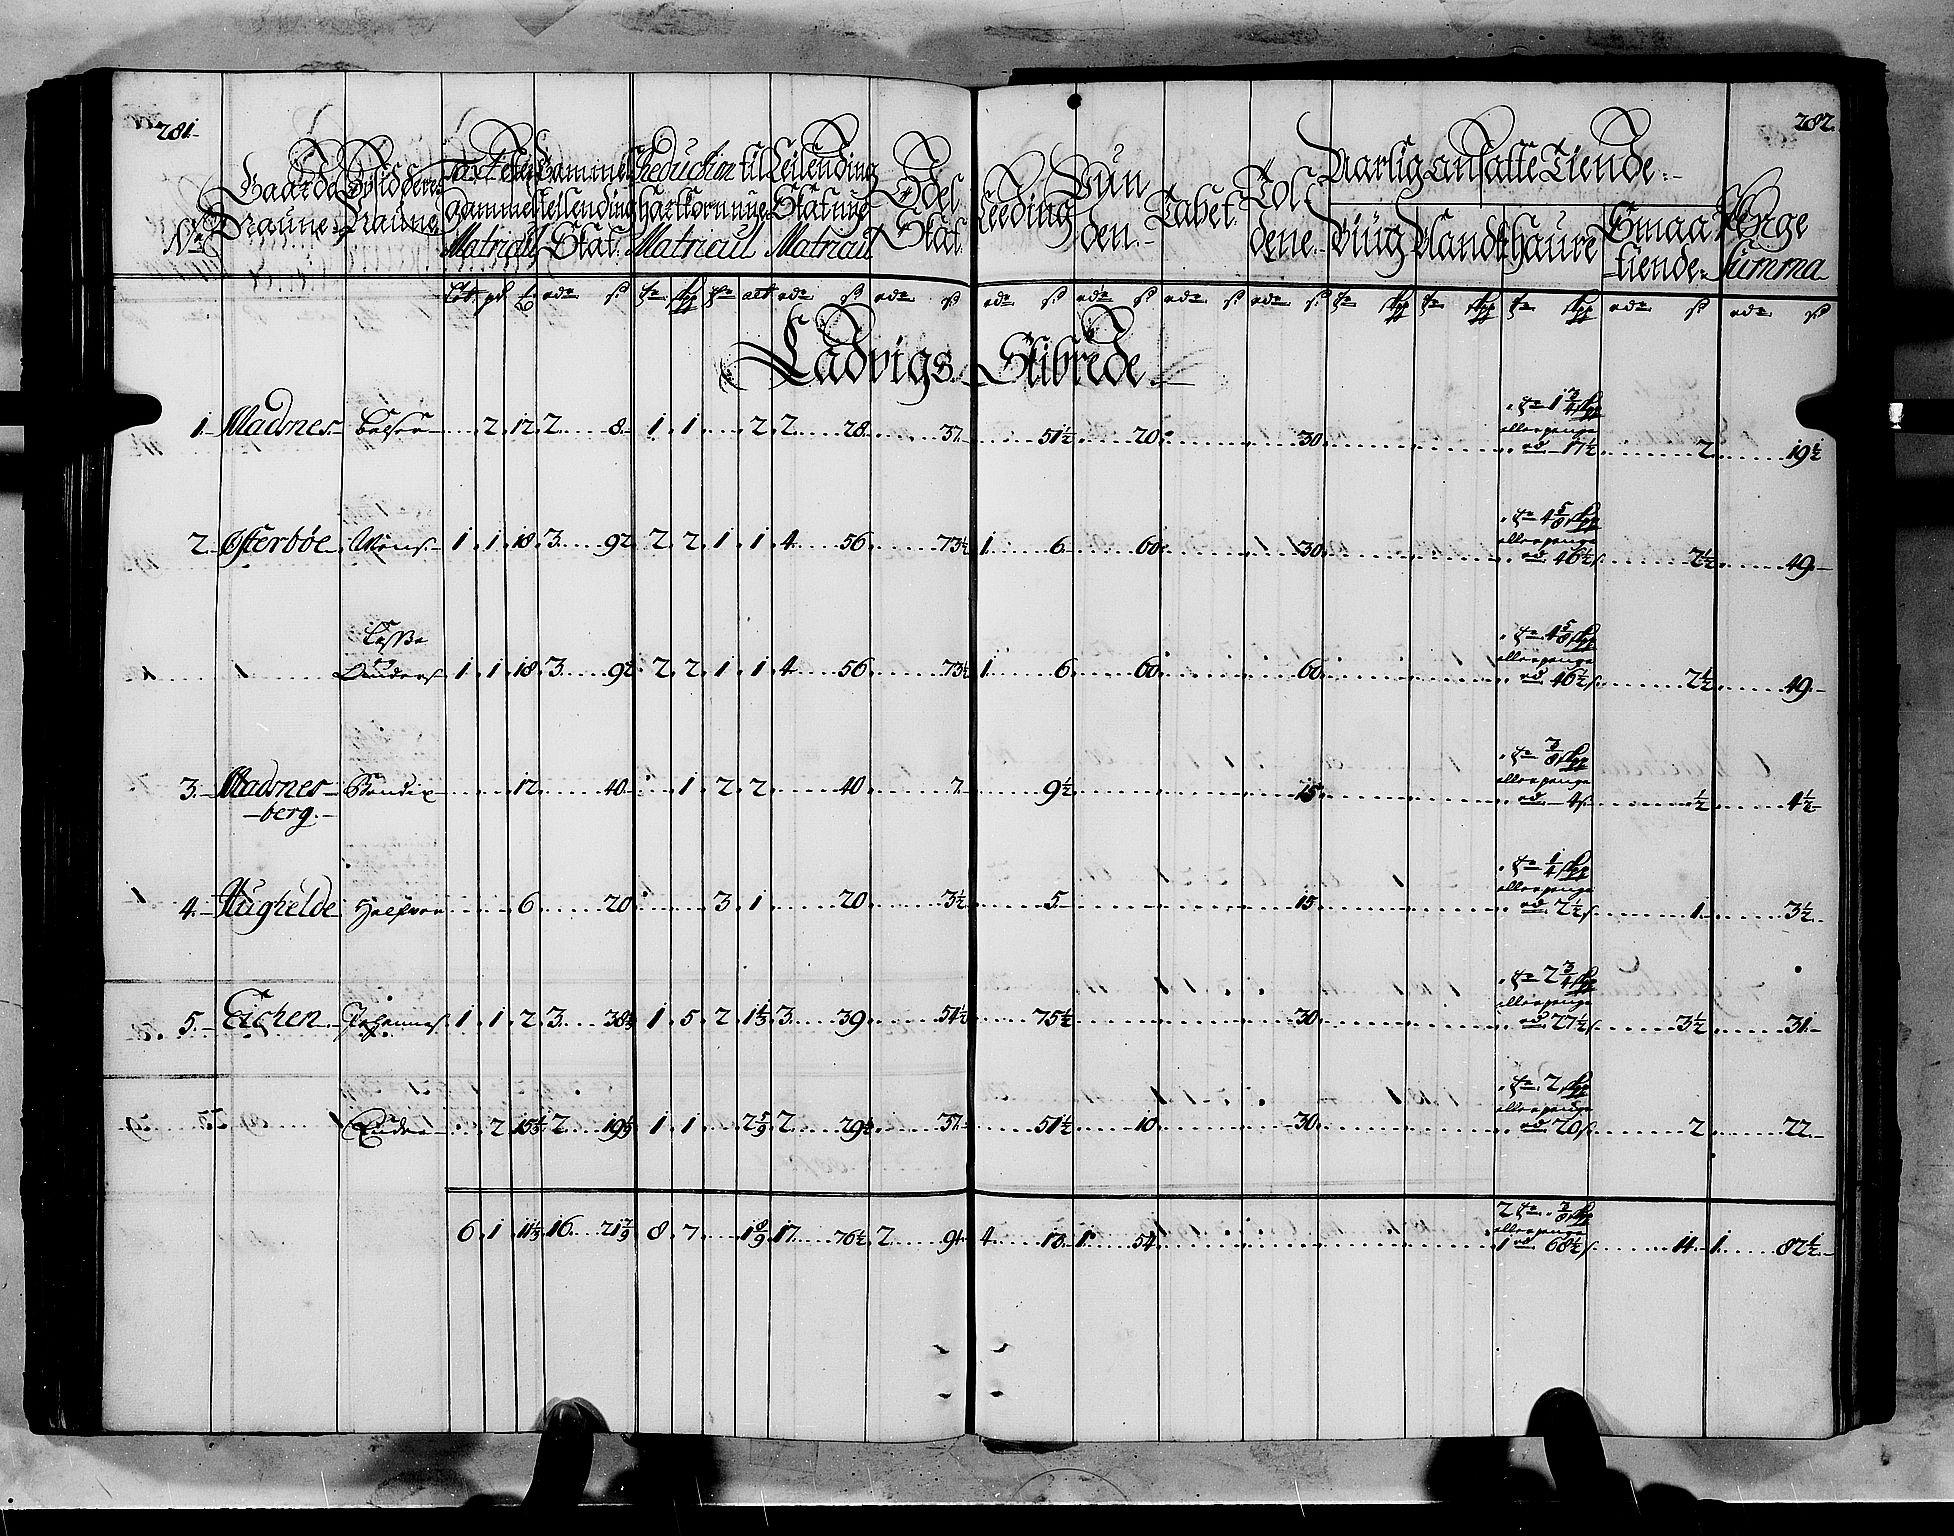 RA, Rentekammeret inntil 1814, Realistisk ordnet avdeling, N/Nb/Nbf/L0145: Ytre Sogn matrikkelprotokoll, 1723, s. 281-282